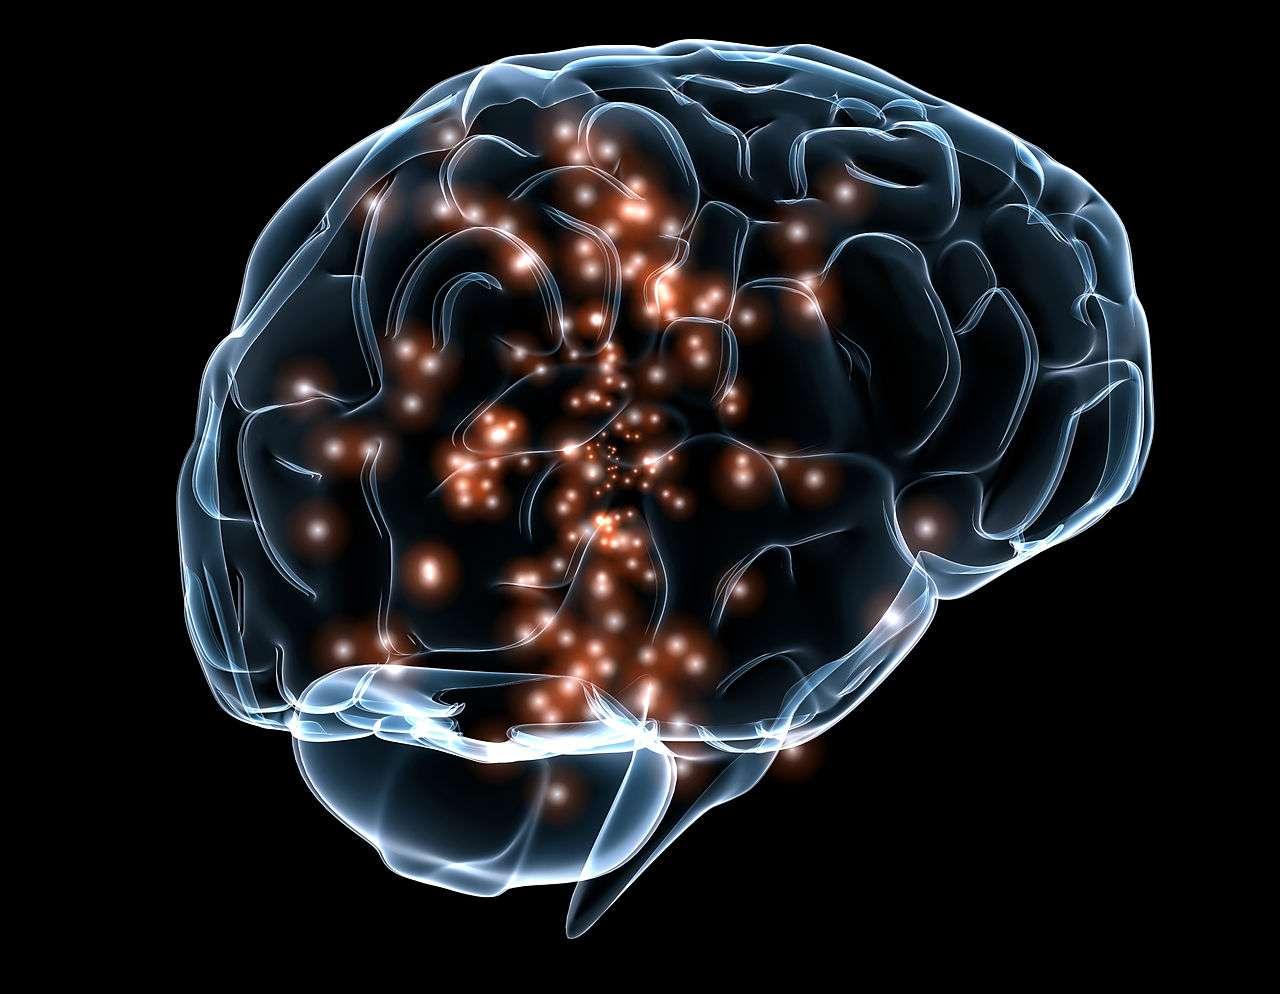 Une équipe de chercheurs du Centre de recherche basque sur la cognition, le cerveau et le langage (Espagne) et de l'université de Binghamton (États-Unis) a démontré que l'activité cérébrale associée à l'analyse d'un mot est spécifique à chaque individu. Ils ont alors créé un système d'identification qui sait reconnaître une personne grâce à la réponse de son cerveau aux mots qu'il reçoit. © Massachusetts General Hospital and Draper Labs, Wikimedia Commons